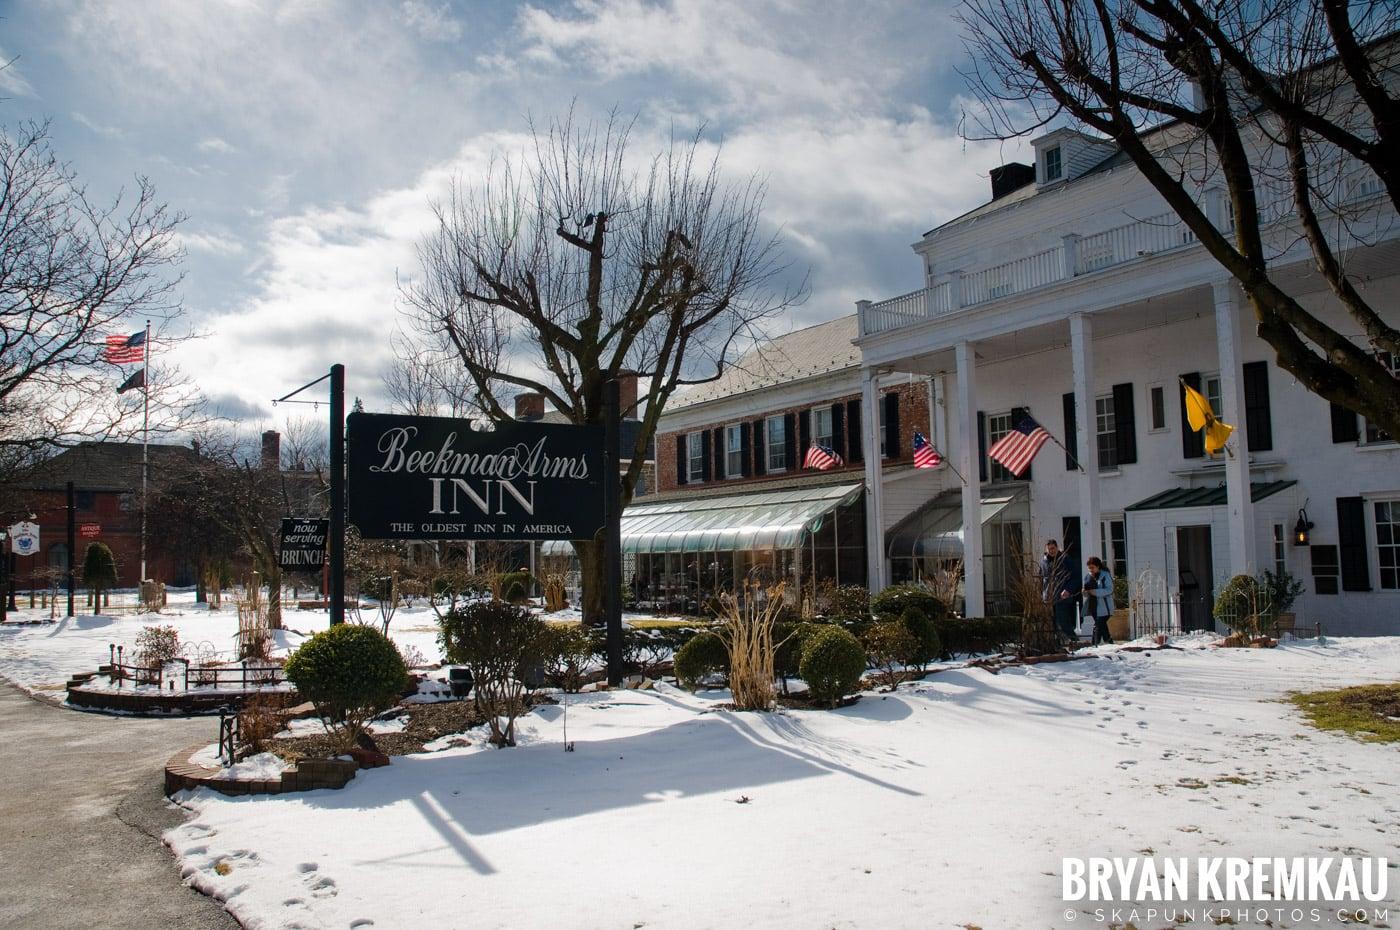 Valentine's Day Trip @ Rhinebeck, FDR's Home, Vanderbilt, Wilderstein Historic Site, NY - 2.14.10 (61)